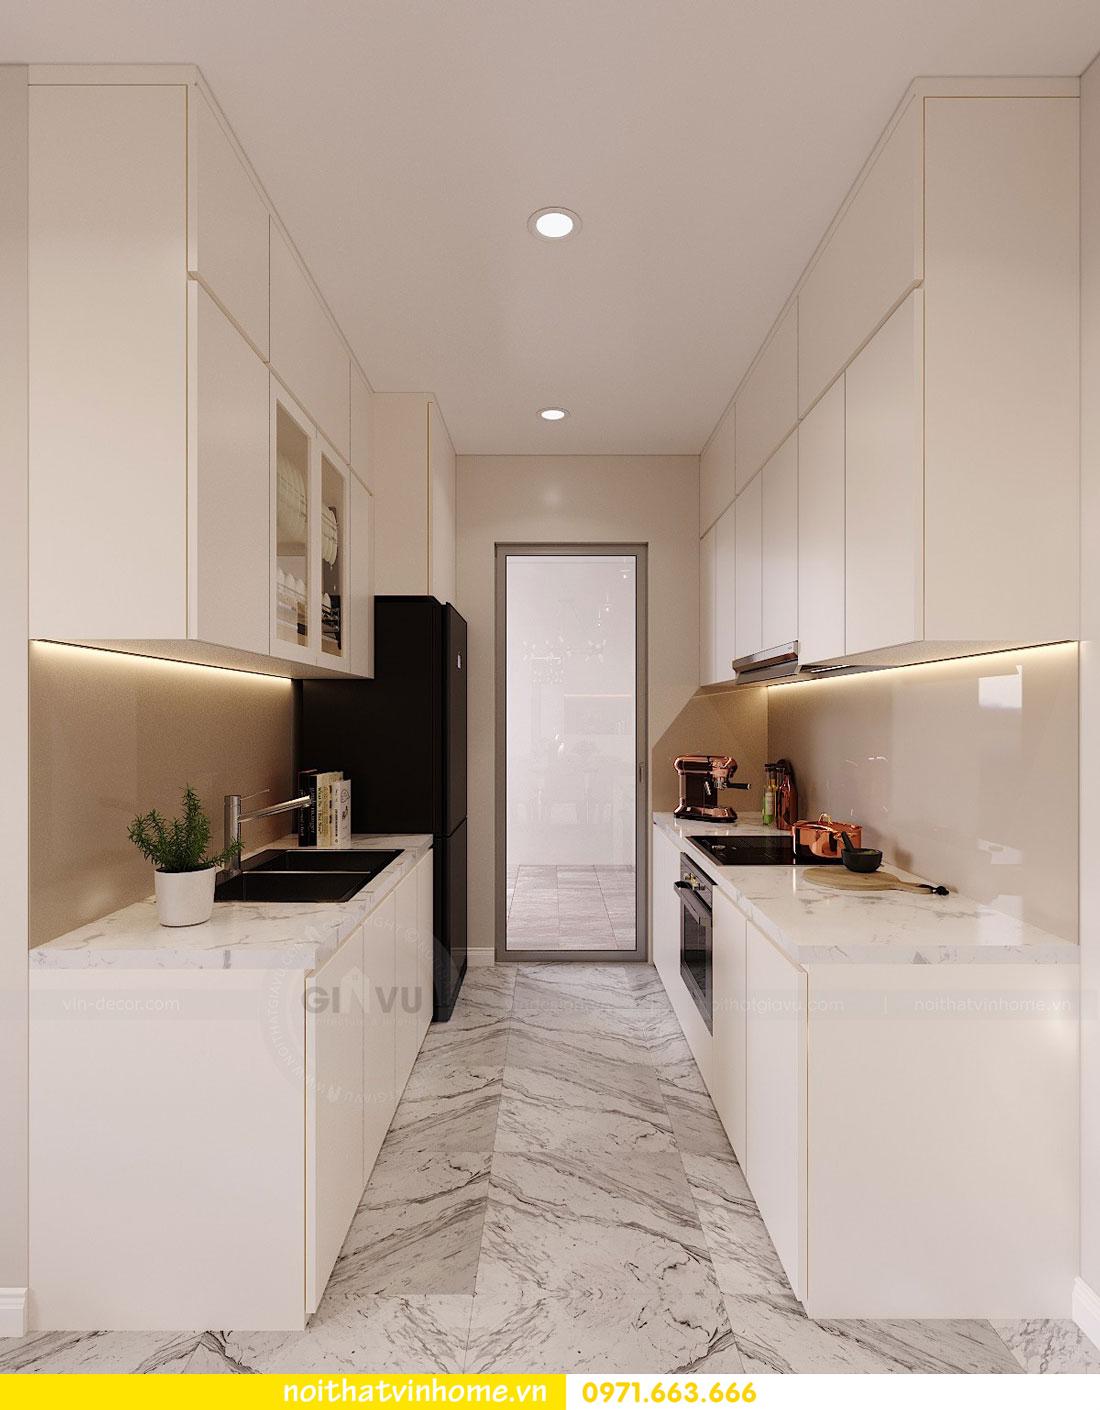 thiết kế nội thất căn hộ chung cư hiện đại nhà anh Kiên 05